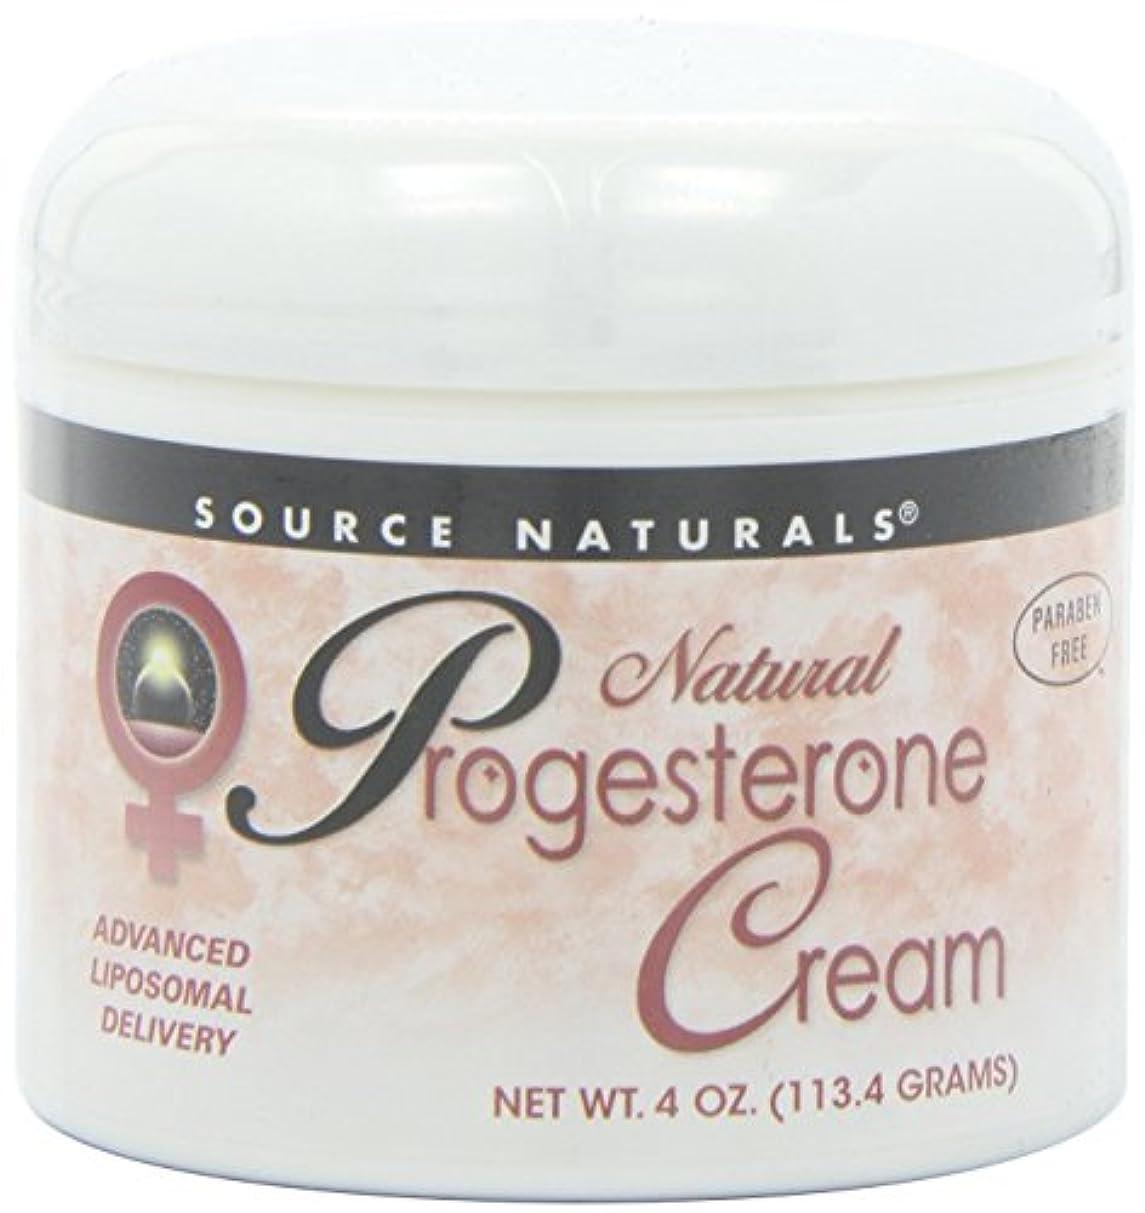 疲労きつく差別Source Naturals Natural Progesterone Cream, 4 Ounce (113.4 g) クリーム 並行輸入品 [並行輸入品]